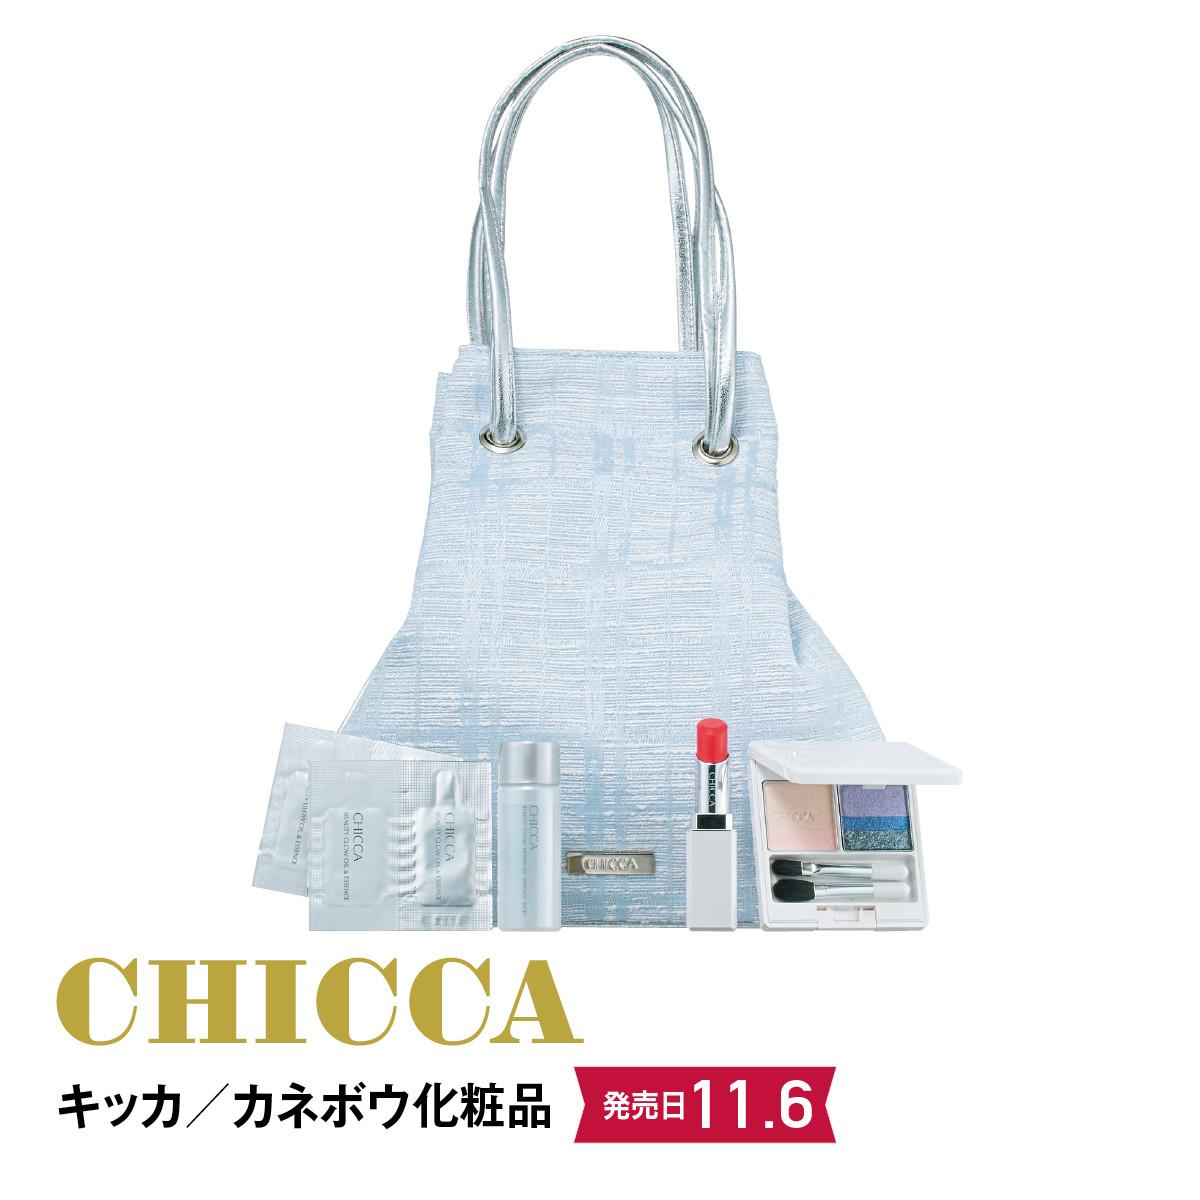 2019クリスマスコフレ&限定品:CHICCA/キッカ